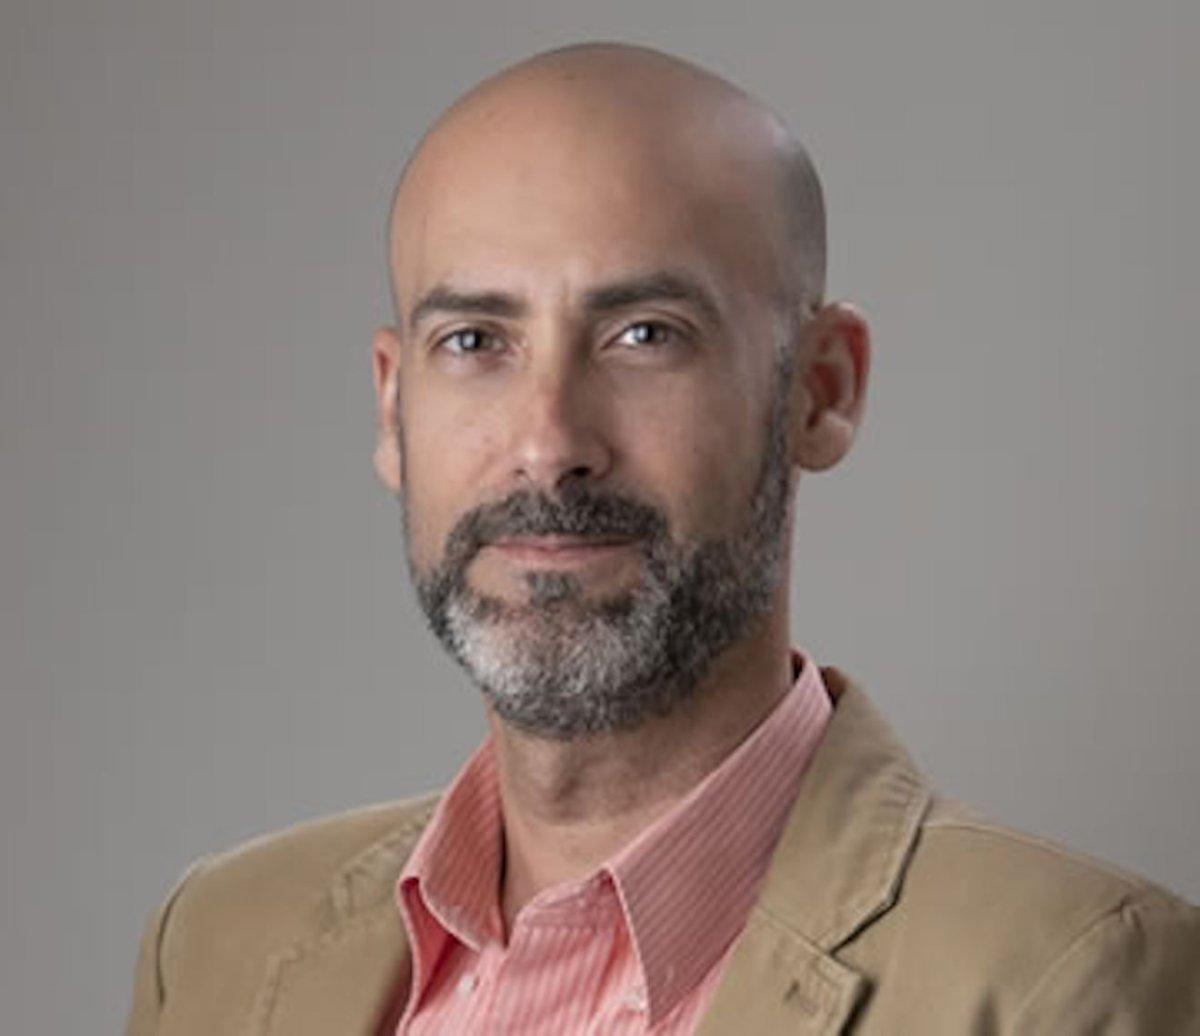 Pablo Chain Villar